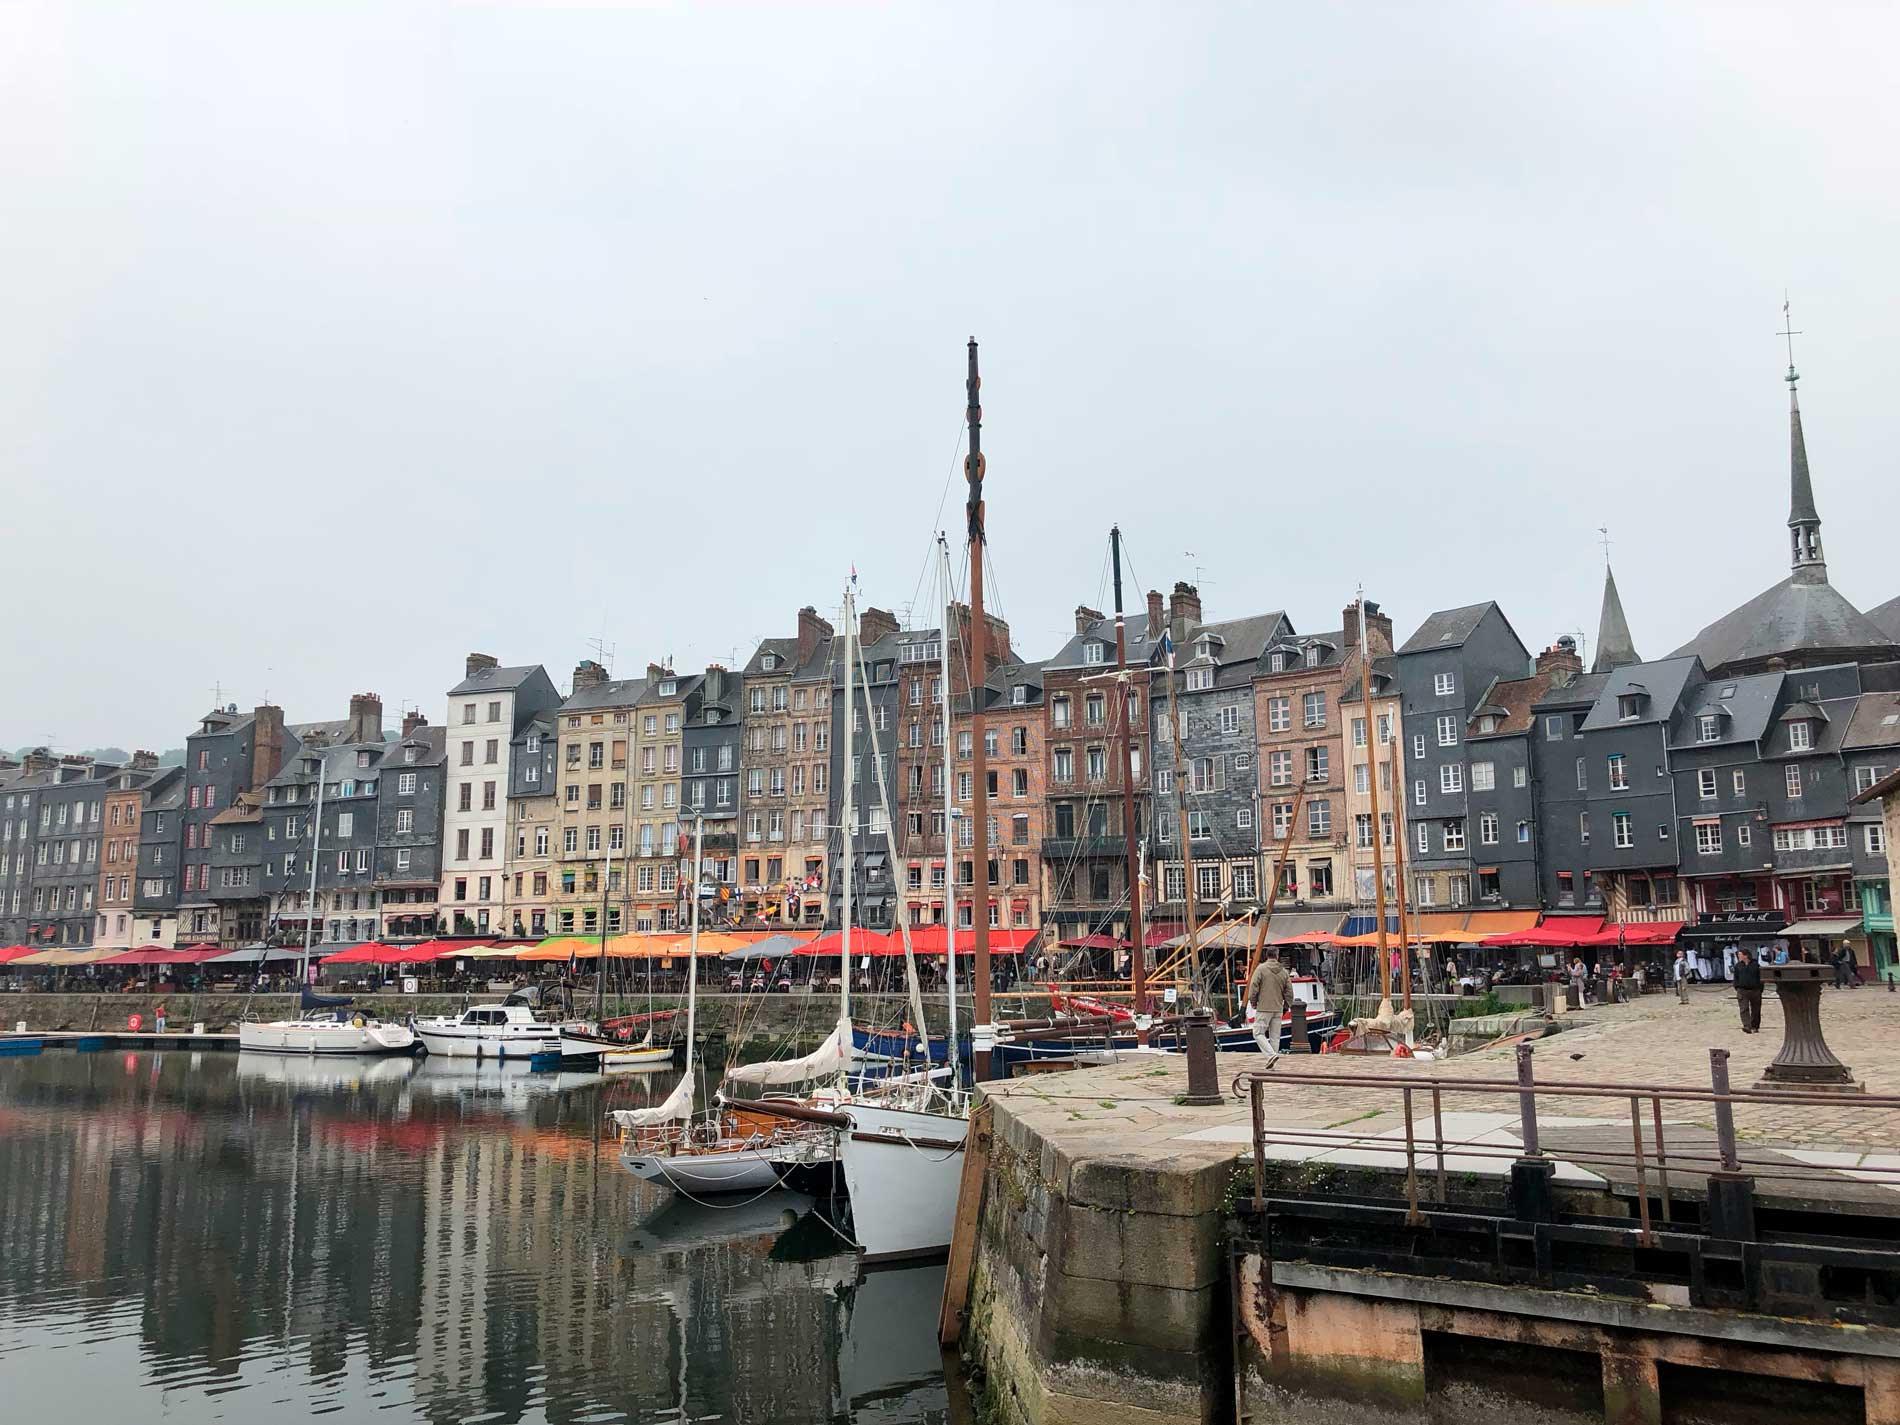 trouville, normandy, France, harbour